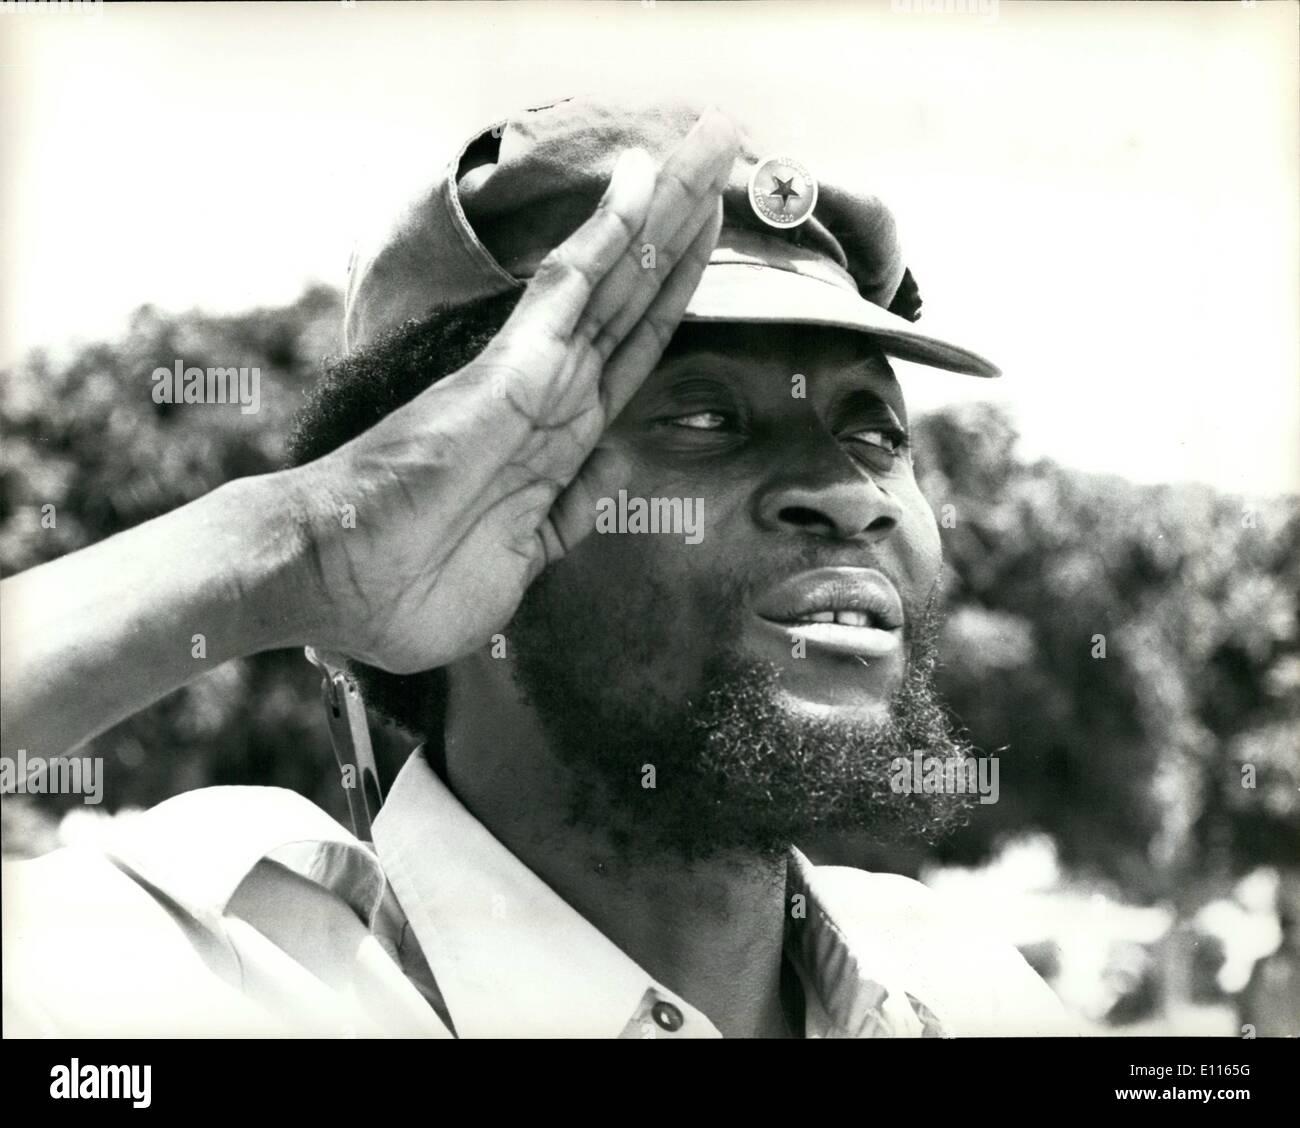 01 janvier 1976 - La ligne de défense de l'Unita brisé: Le peuple cubain-M.P.L.A. led Angelan le revendications des forces canadiennes ont brisé par une défense de l'Unita et a ouvert le 100 km sud lire de mettre en danger la capitale politique de l'Unita Huambo.Photo montre le Colonel Samuel Chiwale, commandant en chef des Forces armées de l'UNITA, reçoit le salut au cours d'un examen de sa troupe~ à 50 kilomètres au nord de Luso. Photo Stock